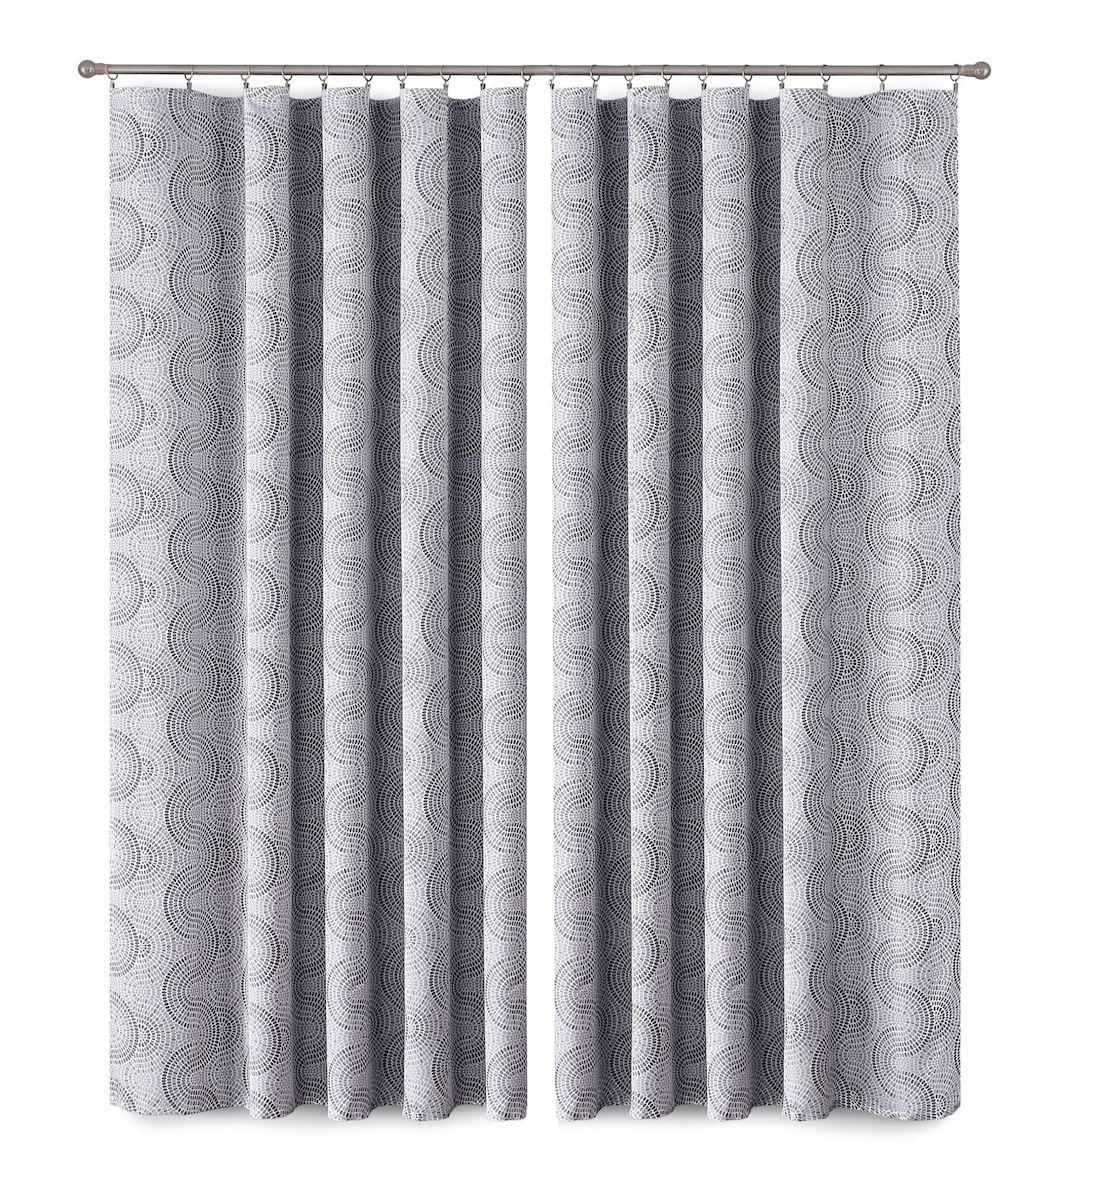 Комплект штор P Primavera Firany, цвет: серый, высота 260 см. 1110026333315Комплект шториз полиэстровой жаккардовой ткани с пришитой шторнойлентой. Размер - ширина 180 см высота 260см. Набор 2 штуки. Цвет серый.Размер: ширина 180 х высота 260